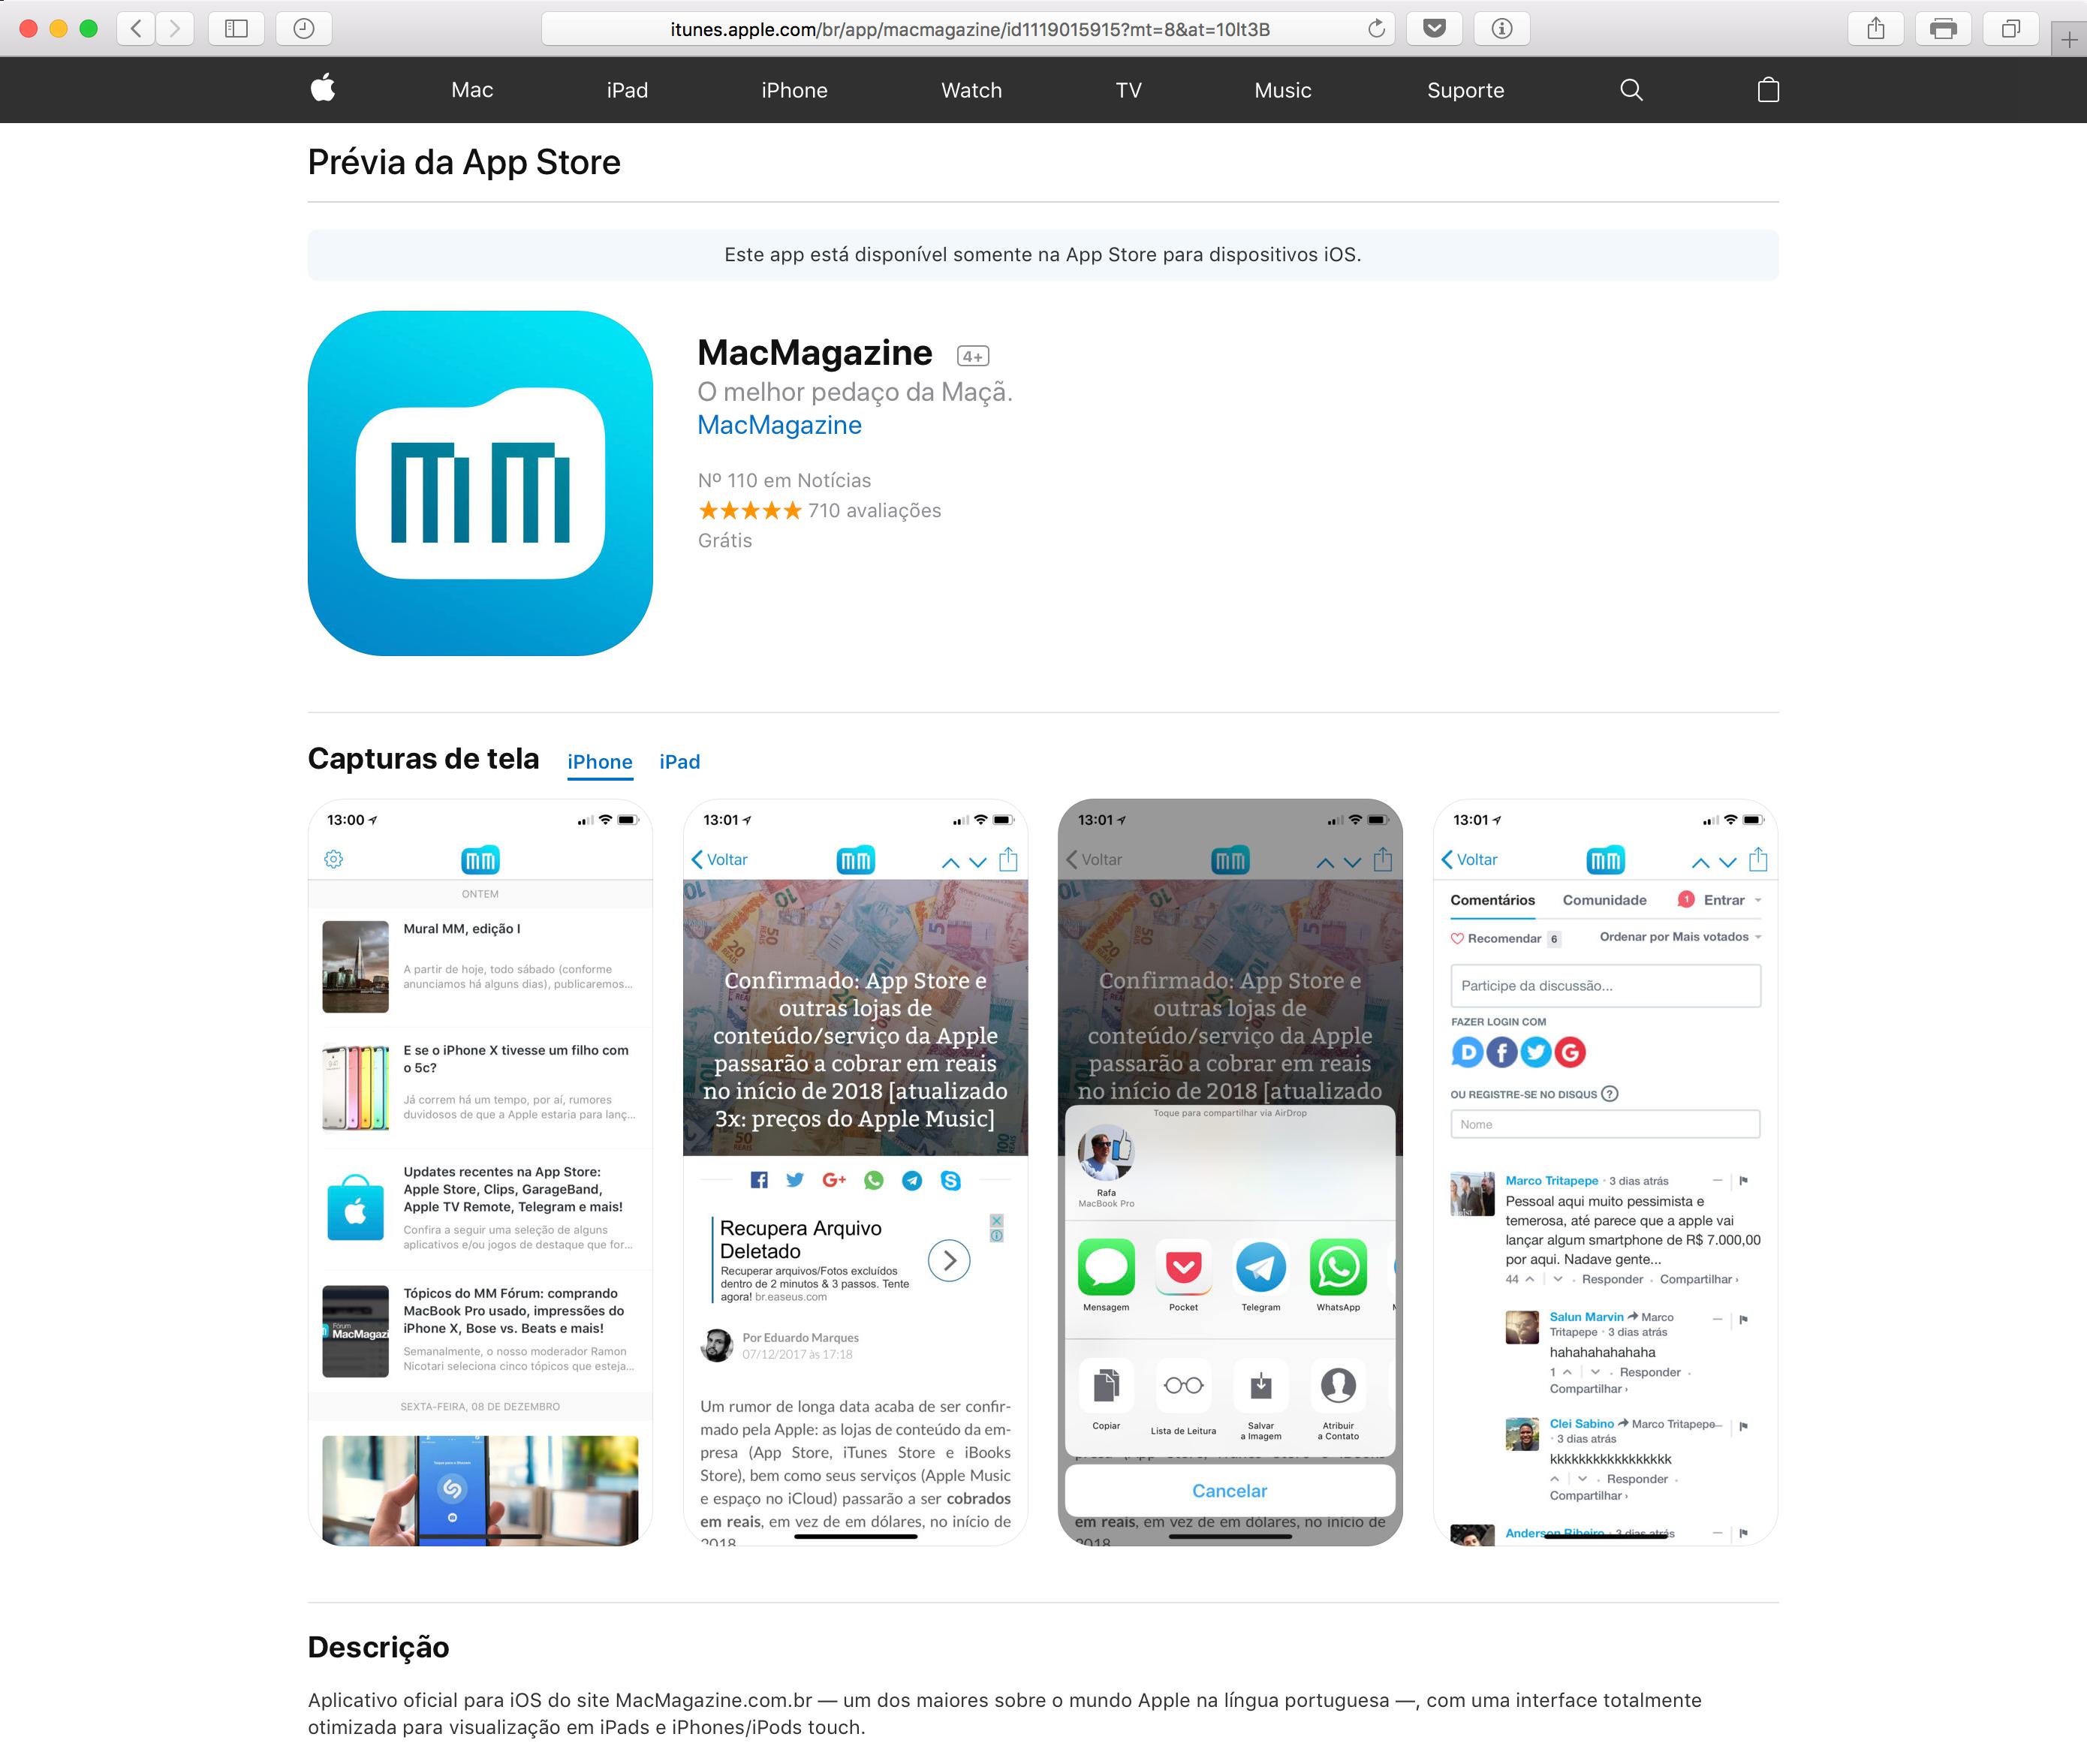 Prévia da App Store - MacMagazine